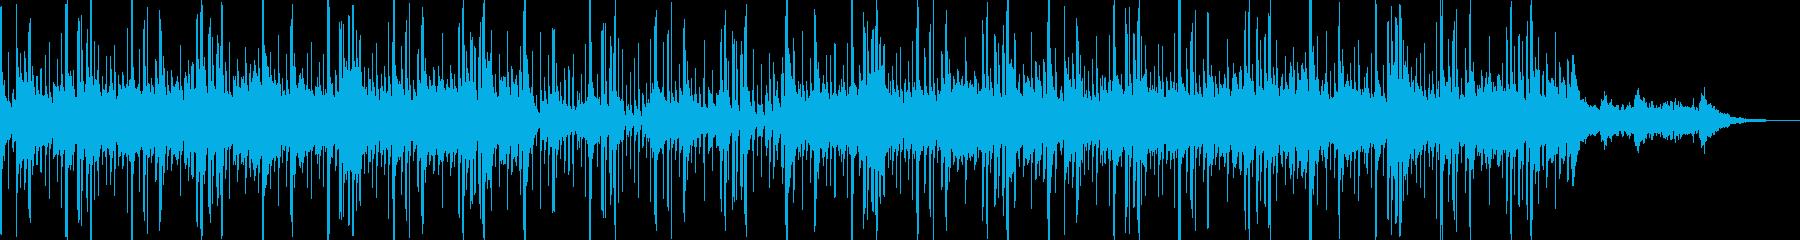 素敵で簡単な、冷ややかなソフトポッ...の再生済みの波形